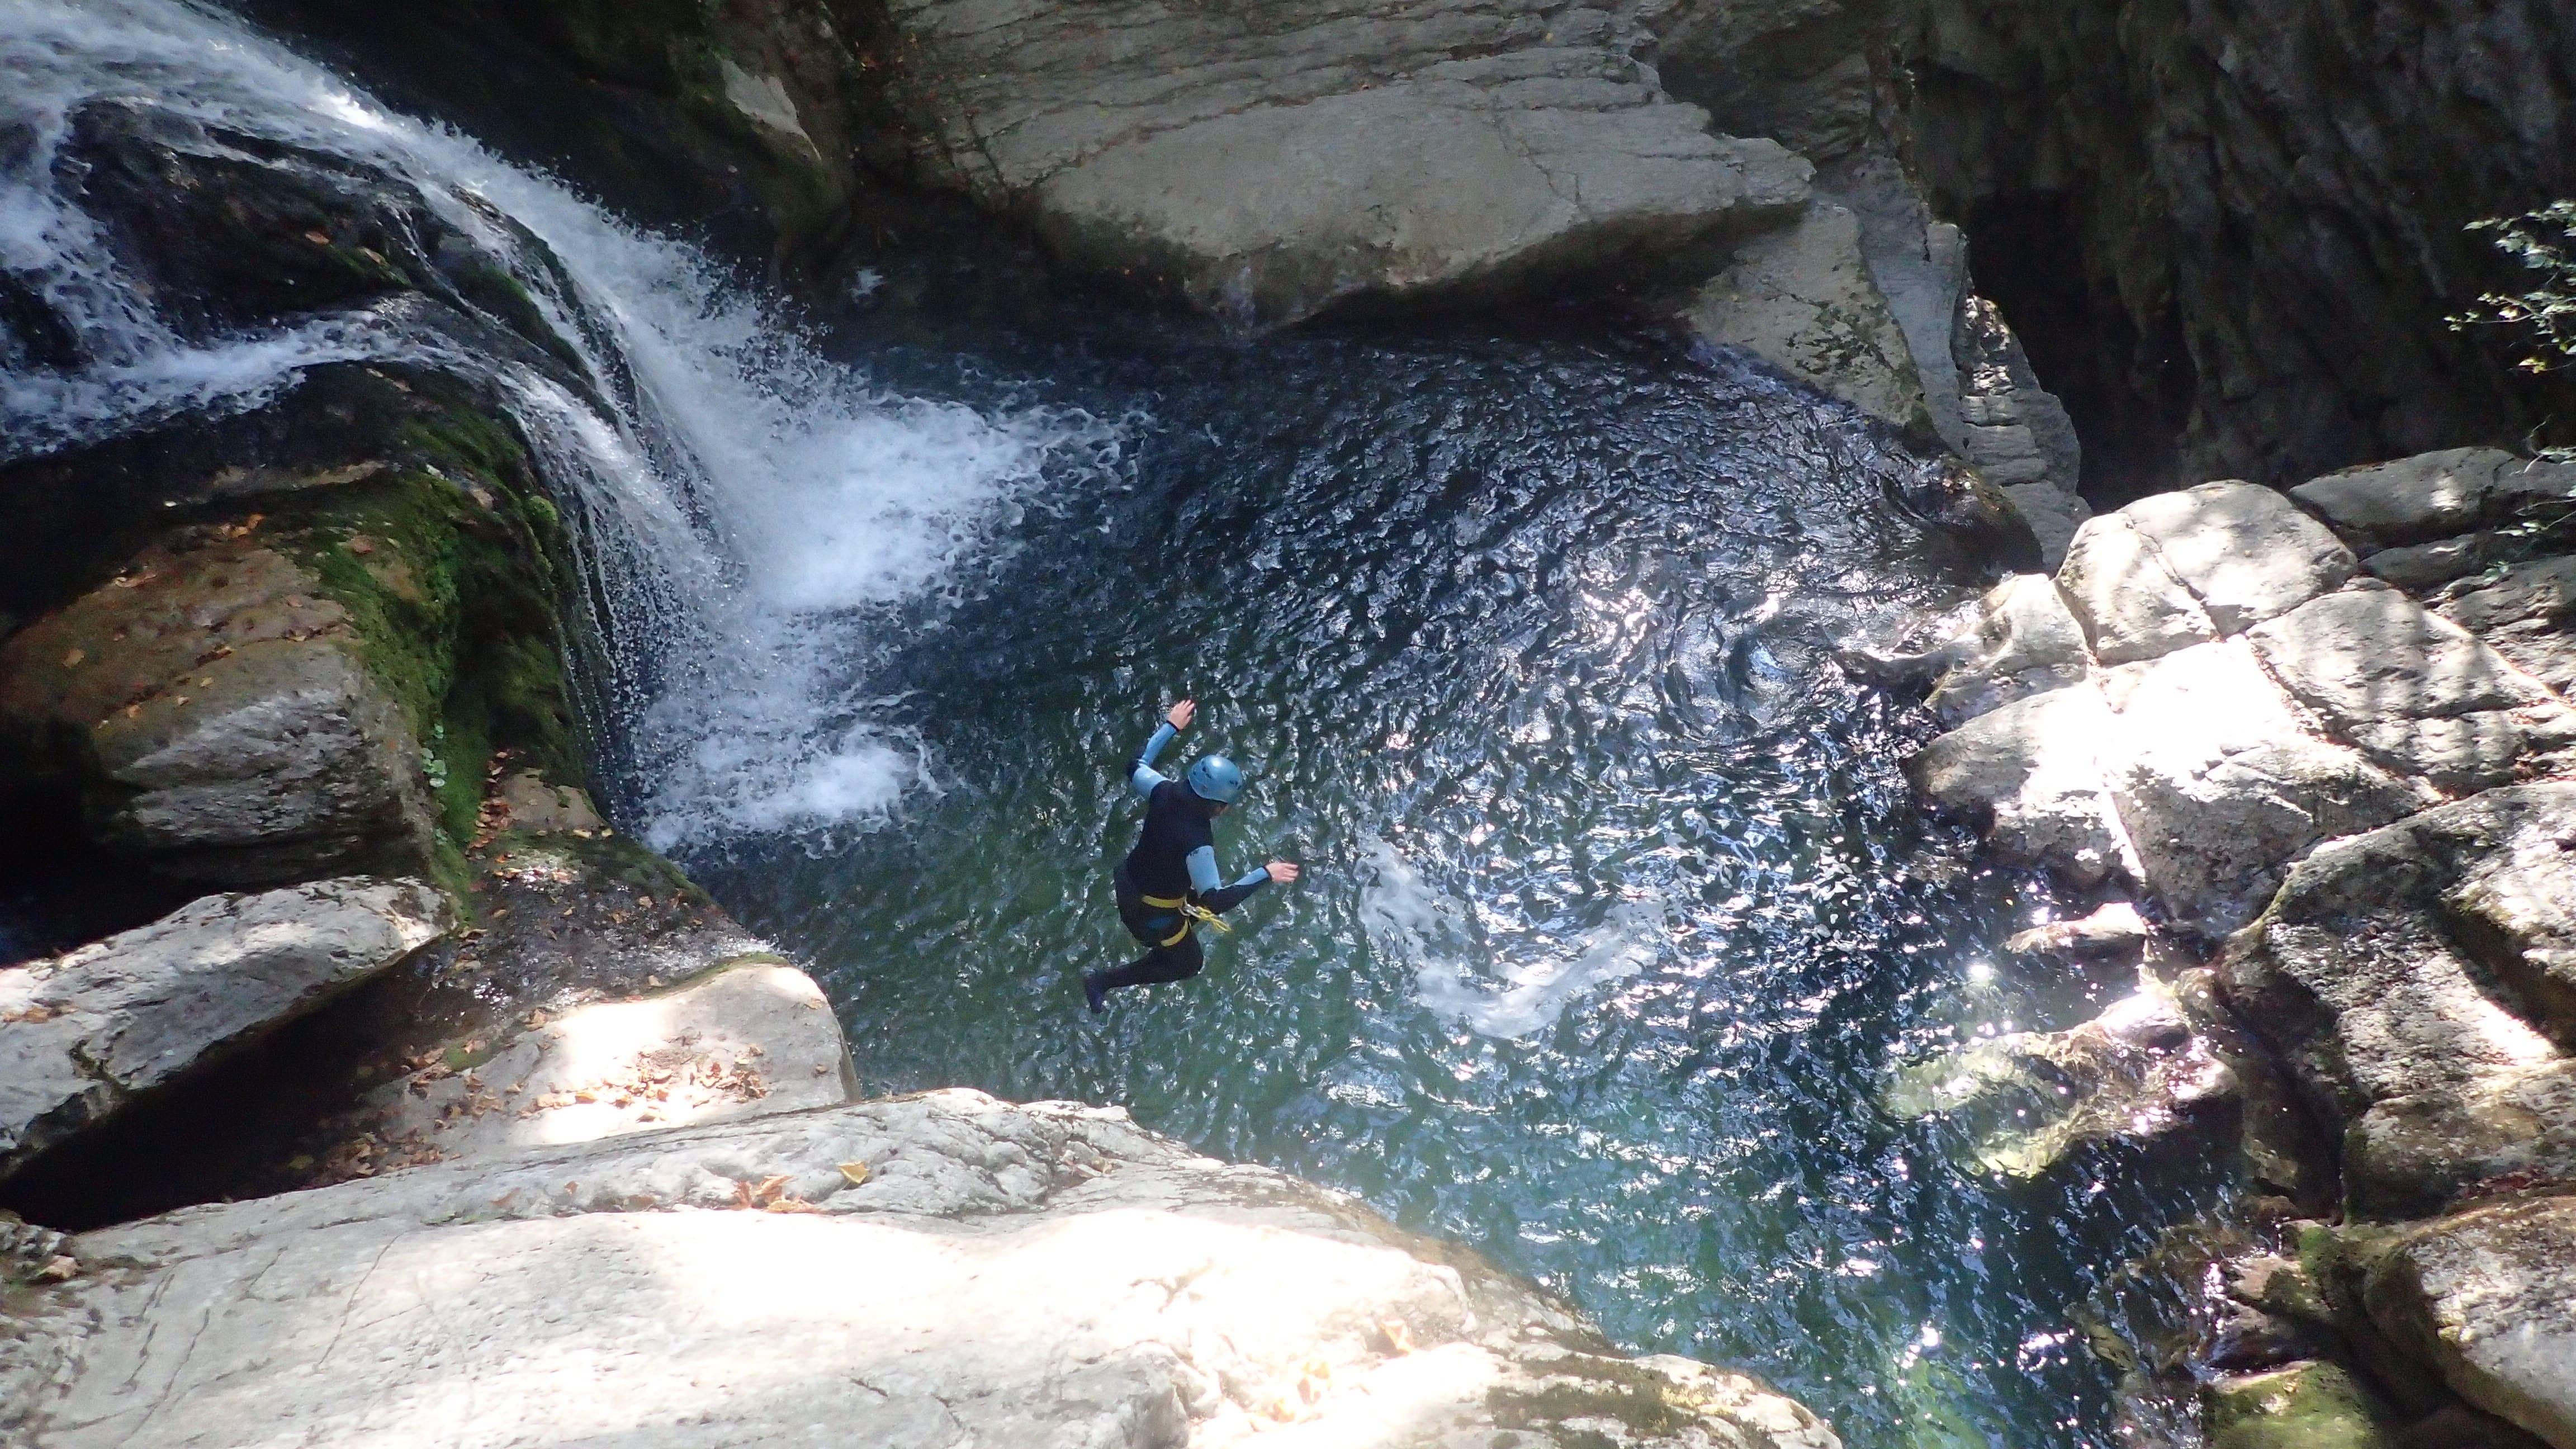 Canyon du furon bas à Grenoble